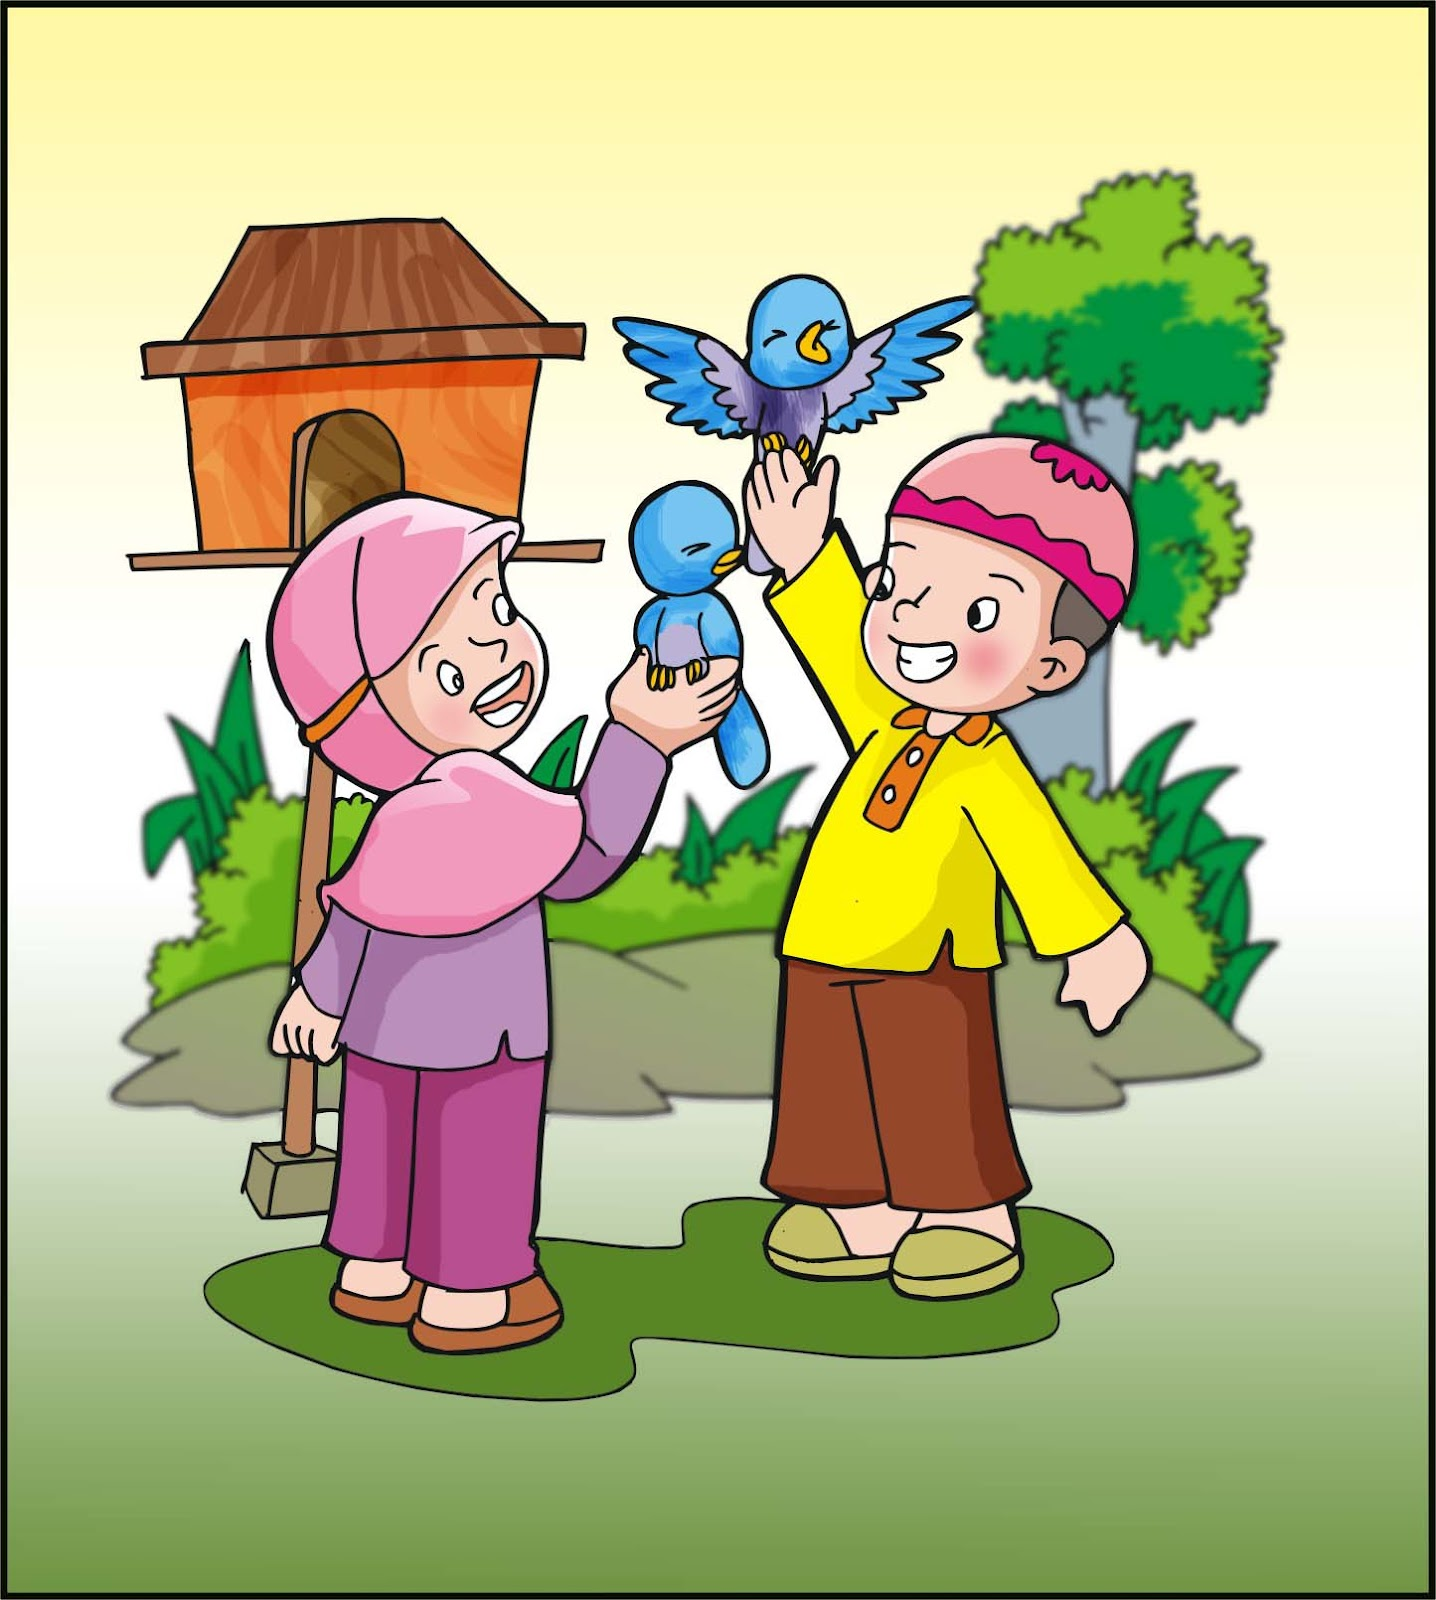 Contoh Gambar Ilustrasi Cerita Anak - Contoh O